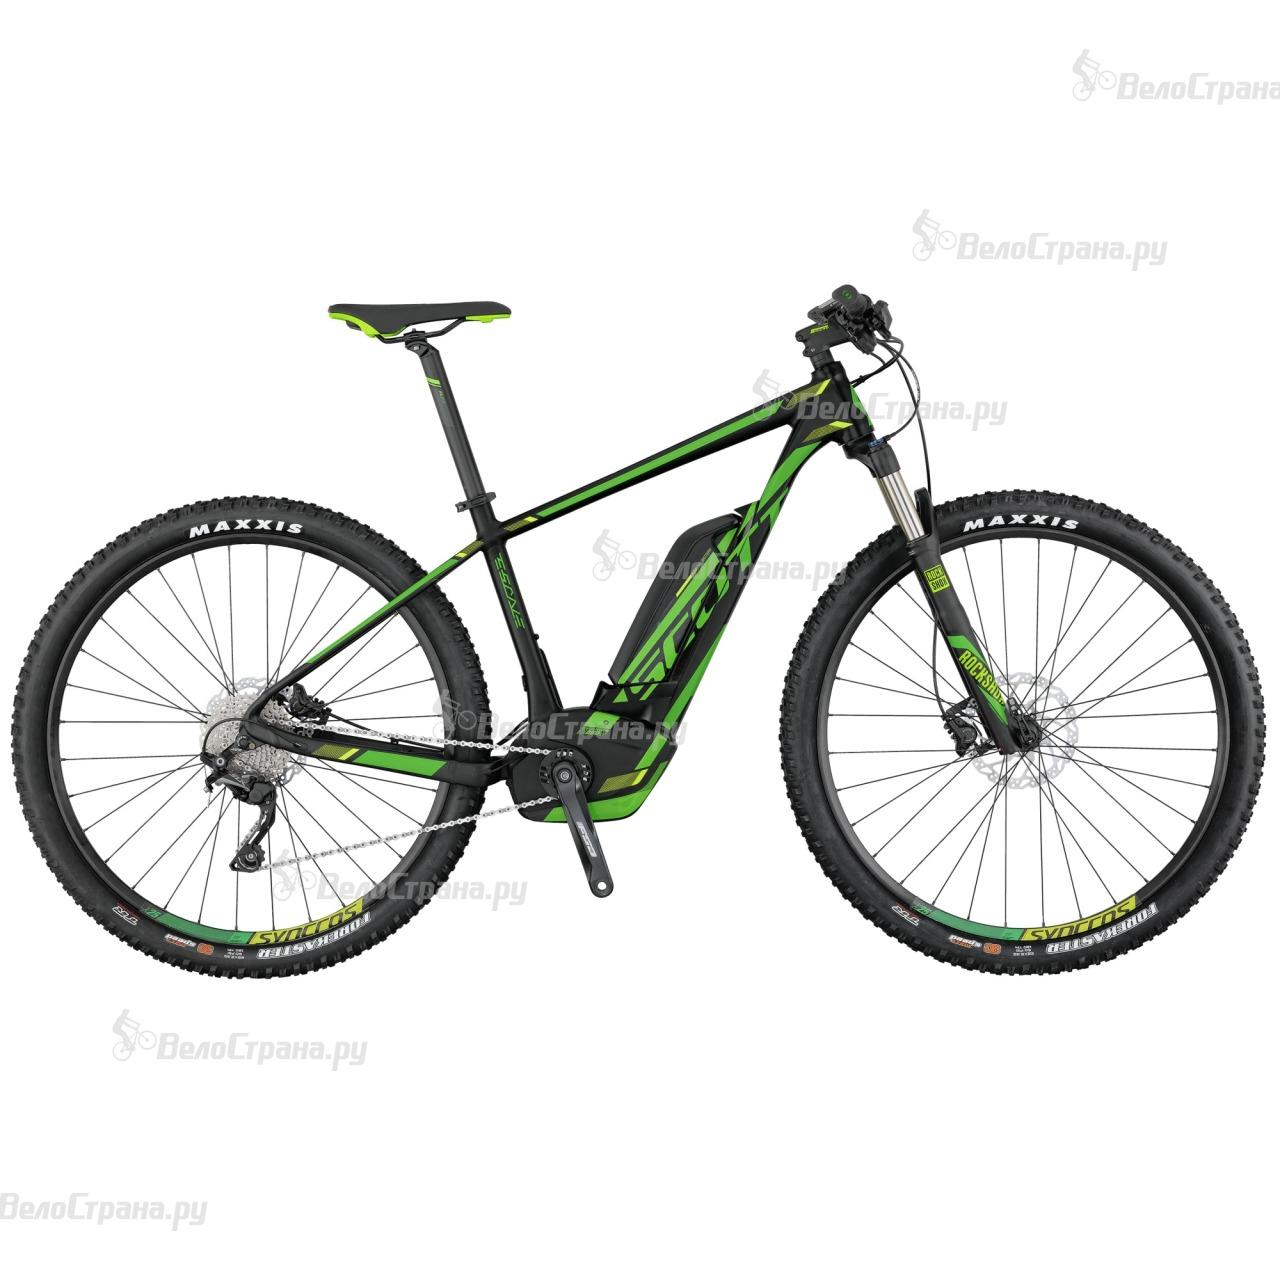 Велосипед Scott E-Scale 920 (2017) велосипед scott scale 700 premium 2015